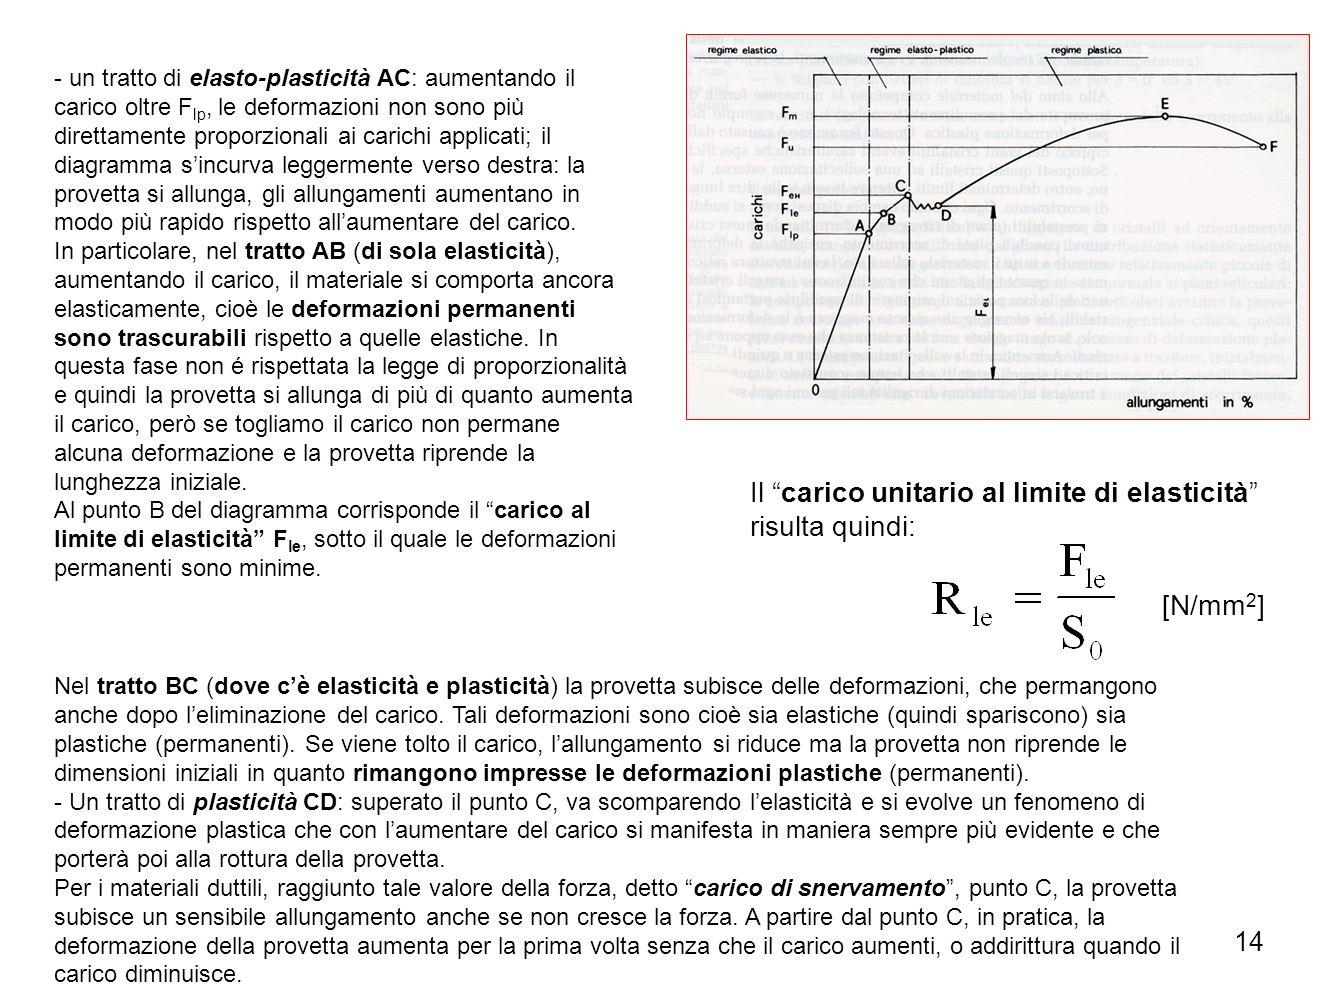 14 - un tratto di elasto-plasticità AC: aumentando il carico oltre F lp, le deformazioni non sono più direttamente proporzionali ai carichi applicati;